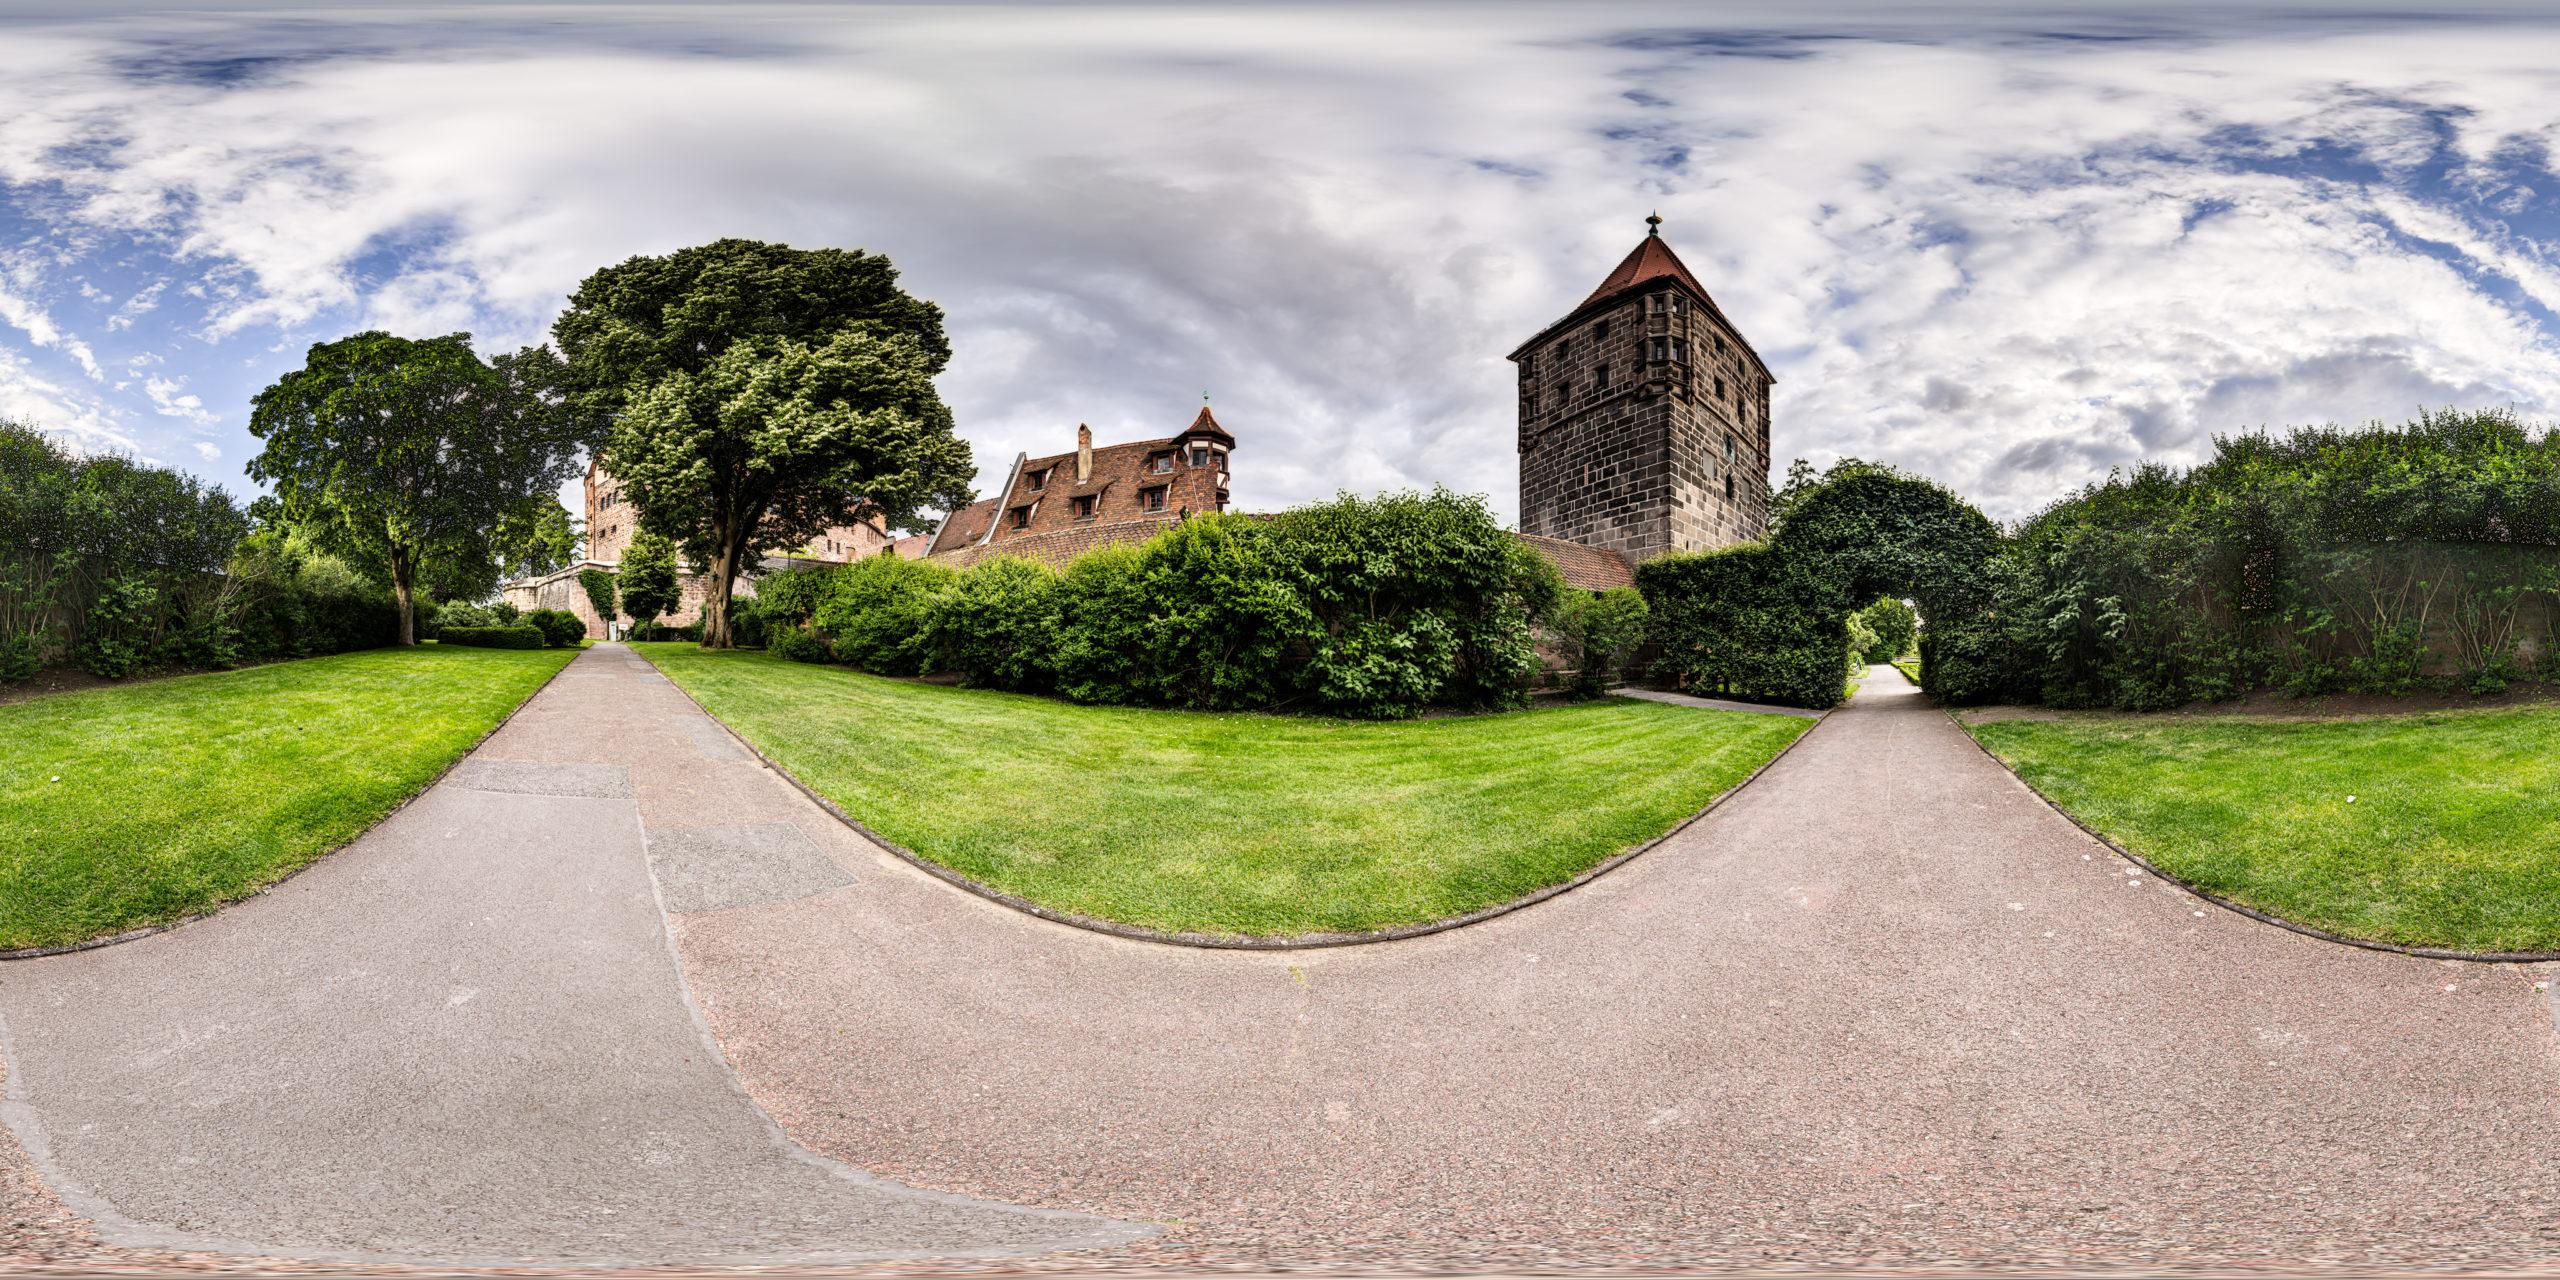 HDRI-Skies-Imperial-Castle-Front-Yard-Nürnberg